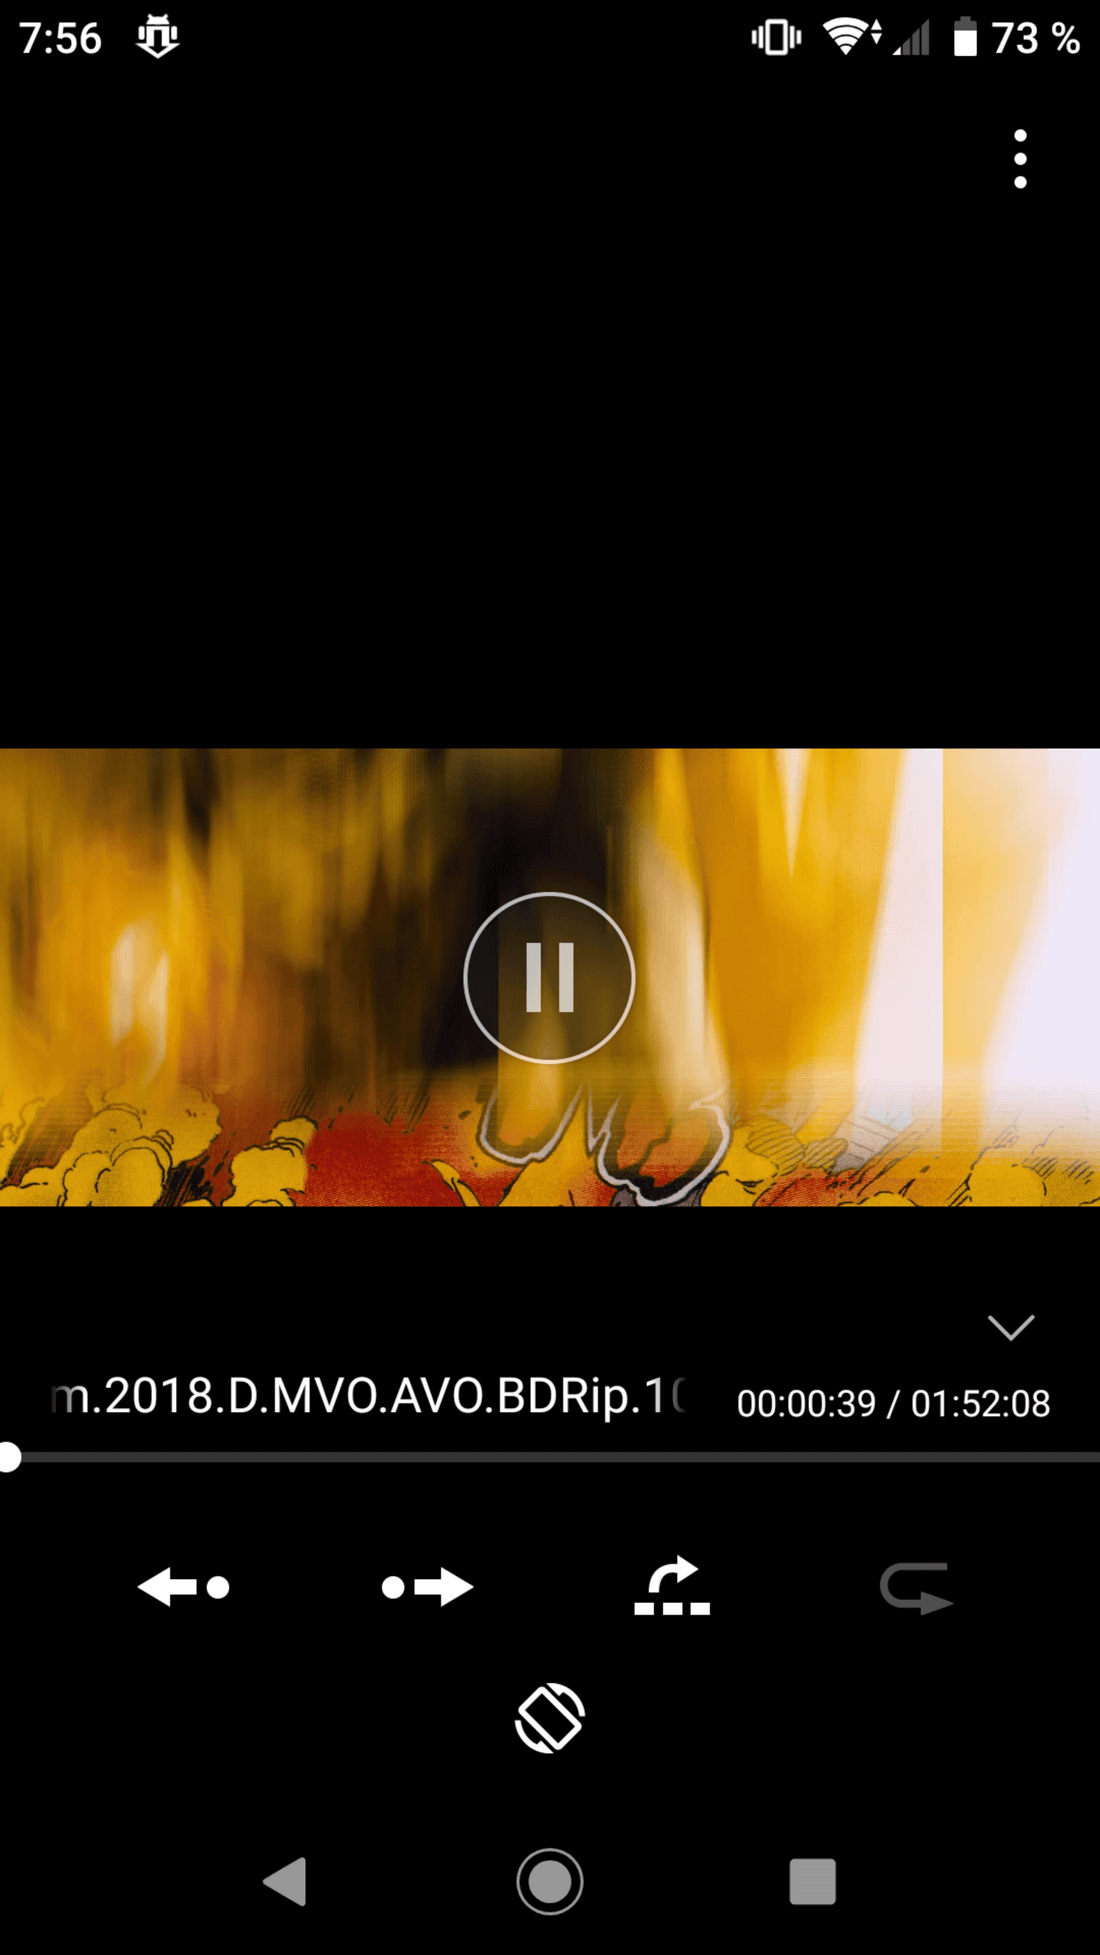 Скриншот #3 из программы aTorrent - torrent downloader